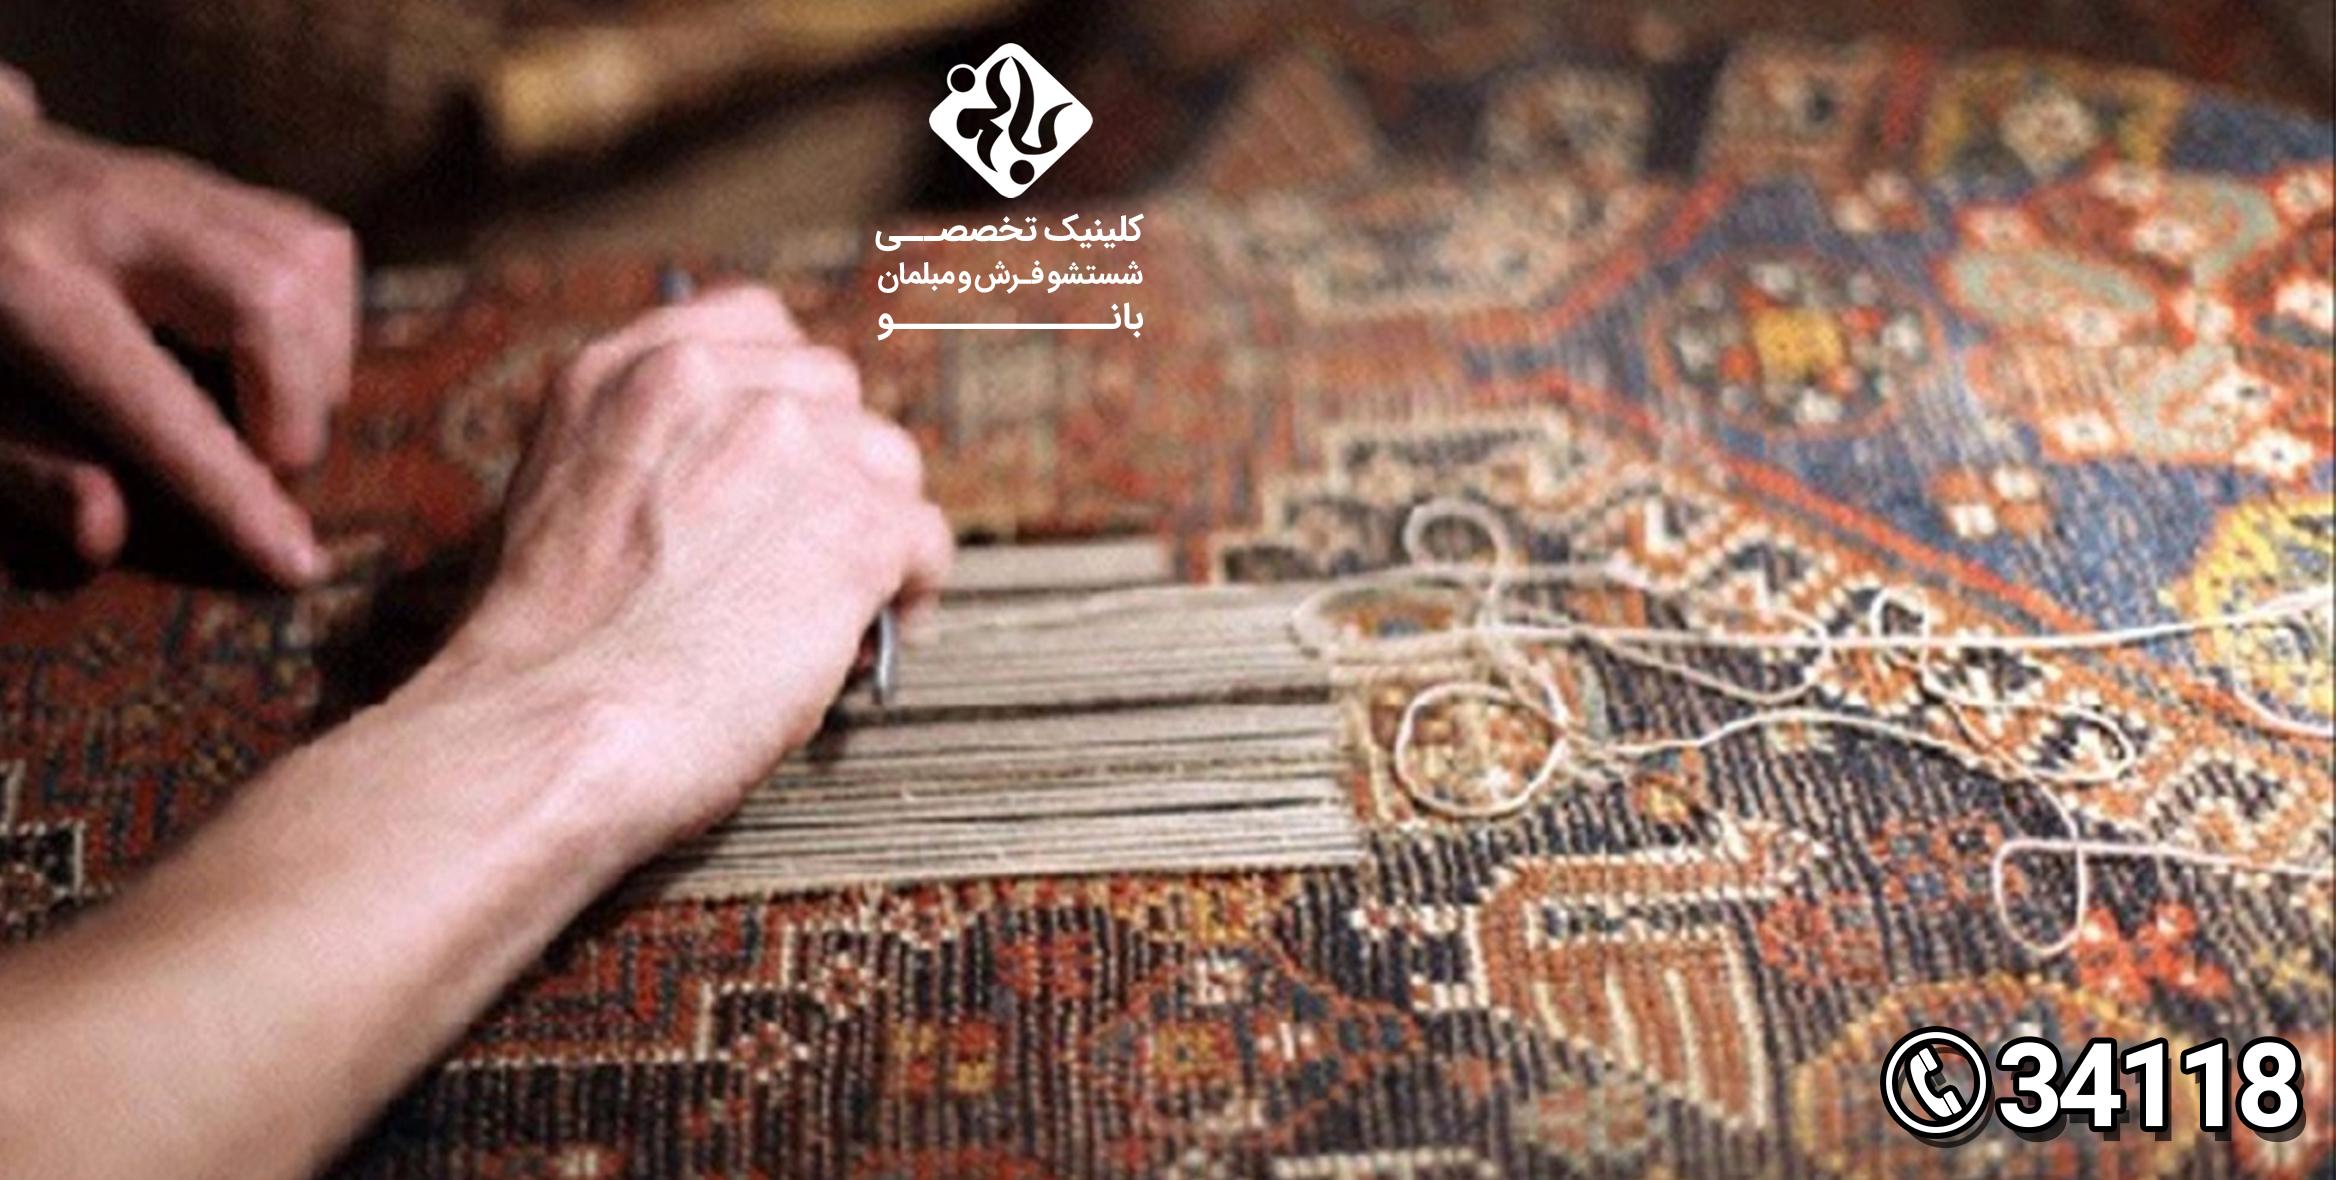 قالیشویی هشتگرد